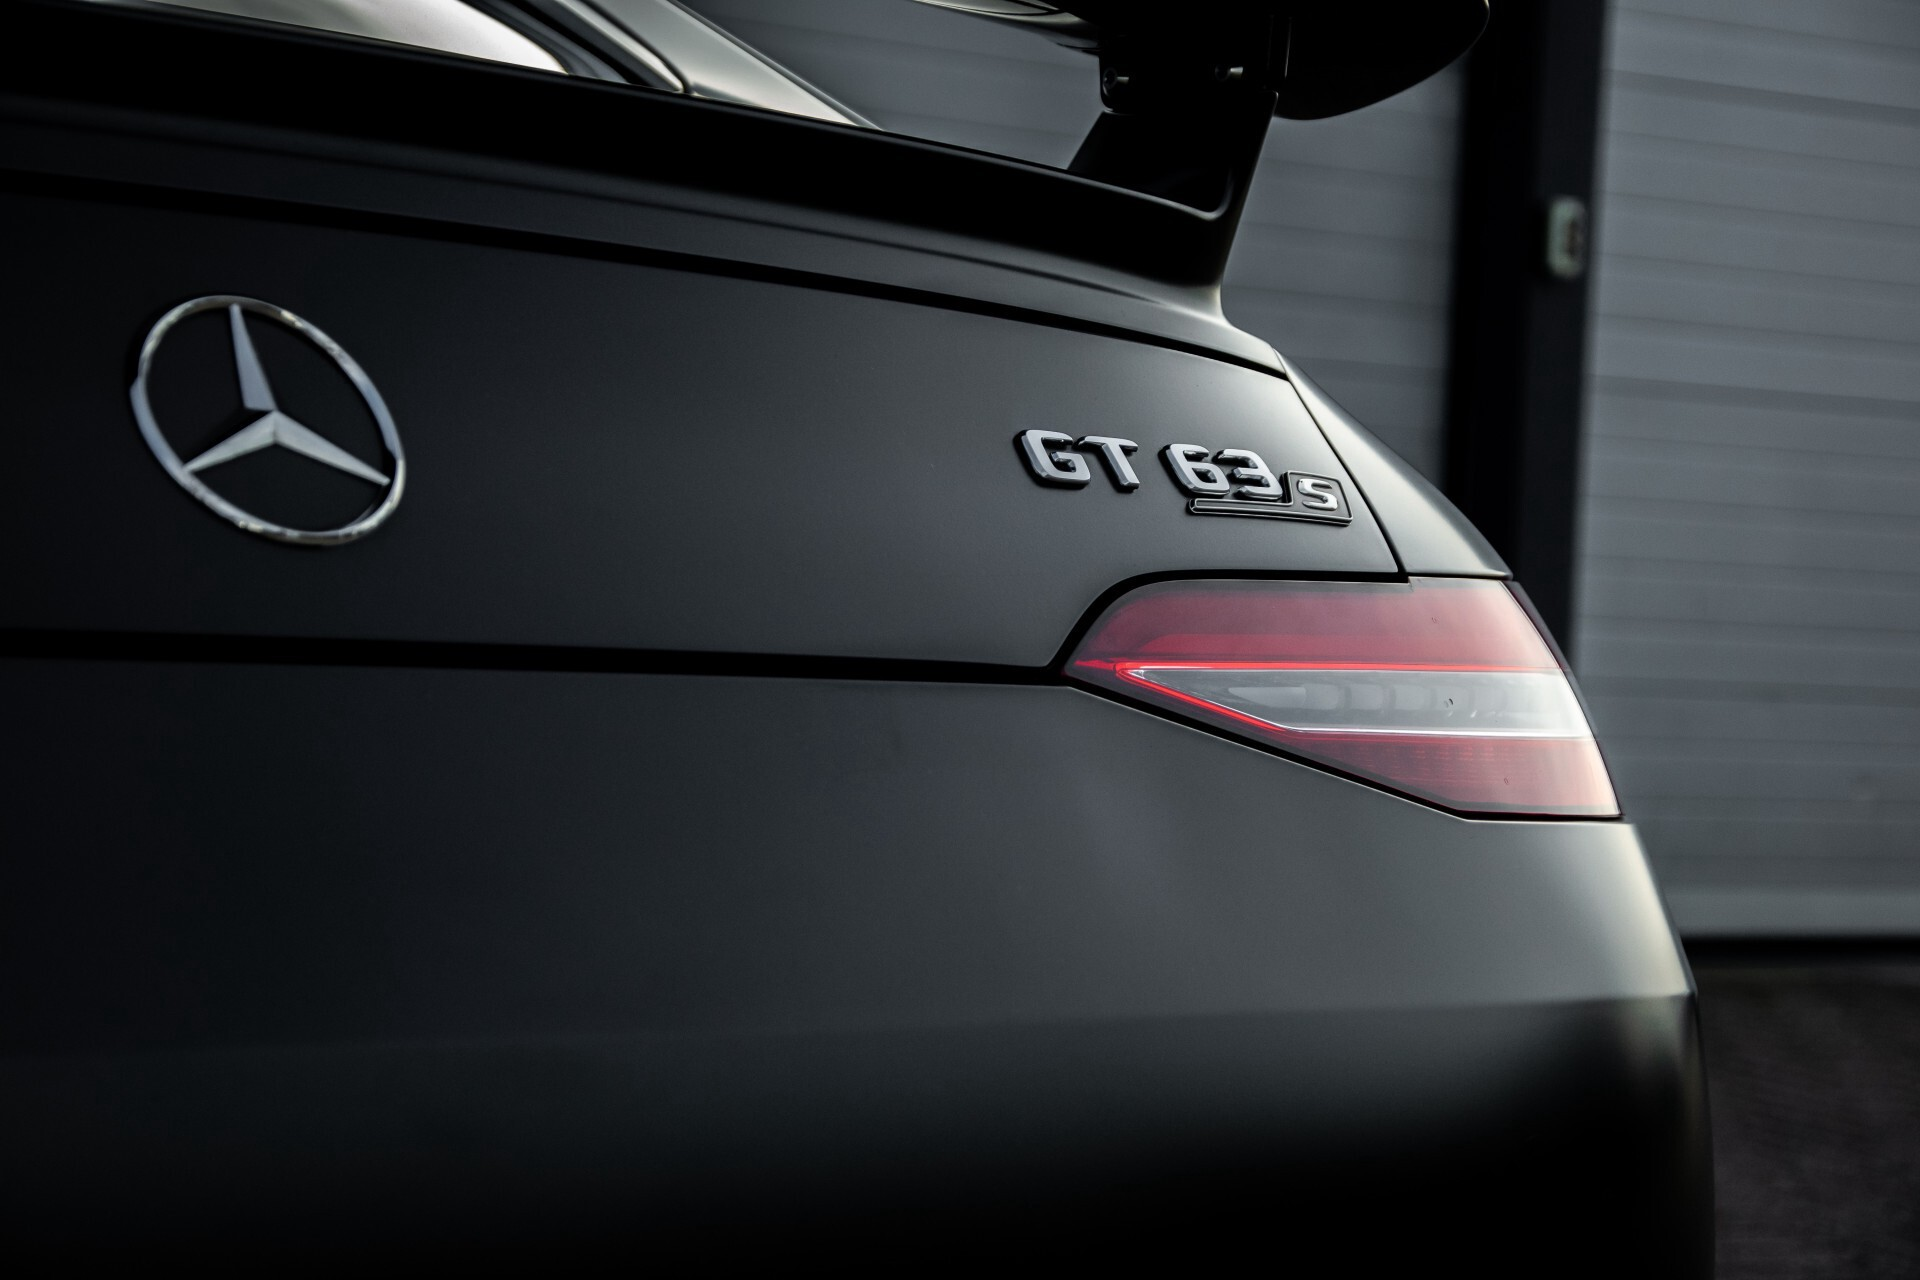 Mercedes-Benz AMG GT 4-Door Coupe 63 S 4M+ Keramisch/Full Carbon/Aerodynamica/Burmester 3D/TV/Performance stoelen/Standkachel Aut9 Foto 72